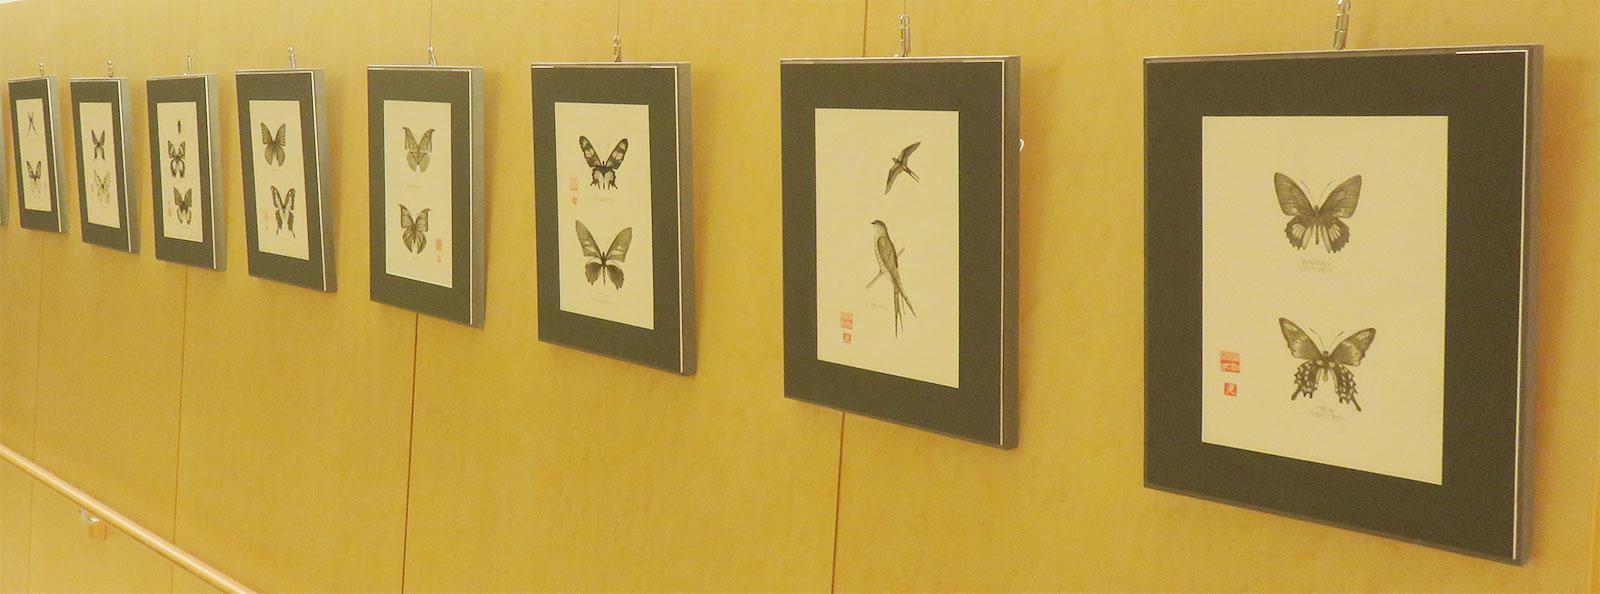 昆虫の鉛筆画作品蝶8点